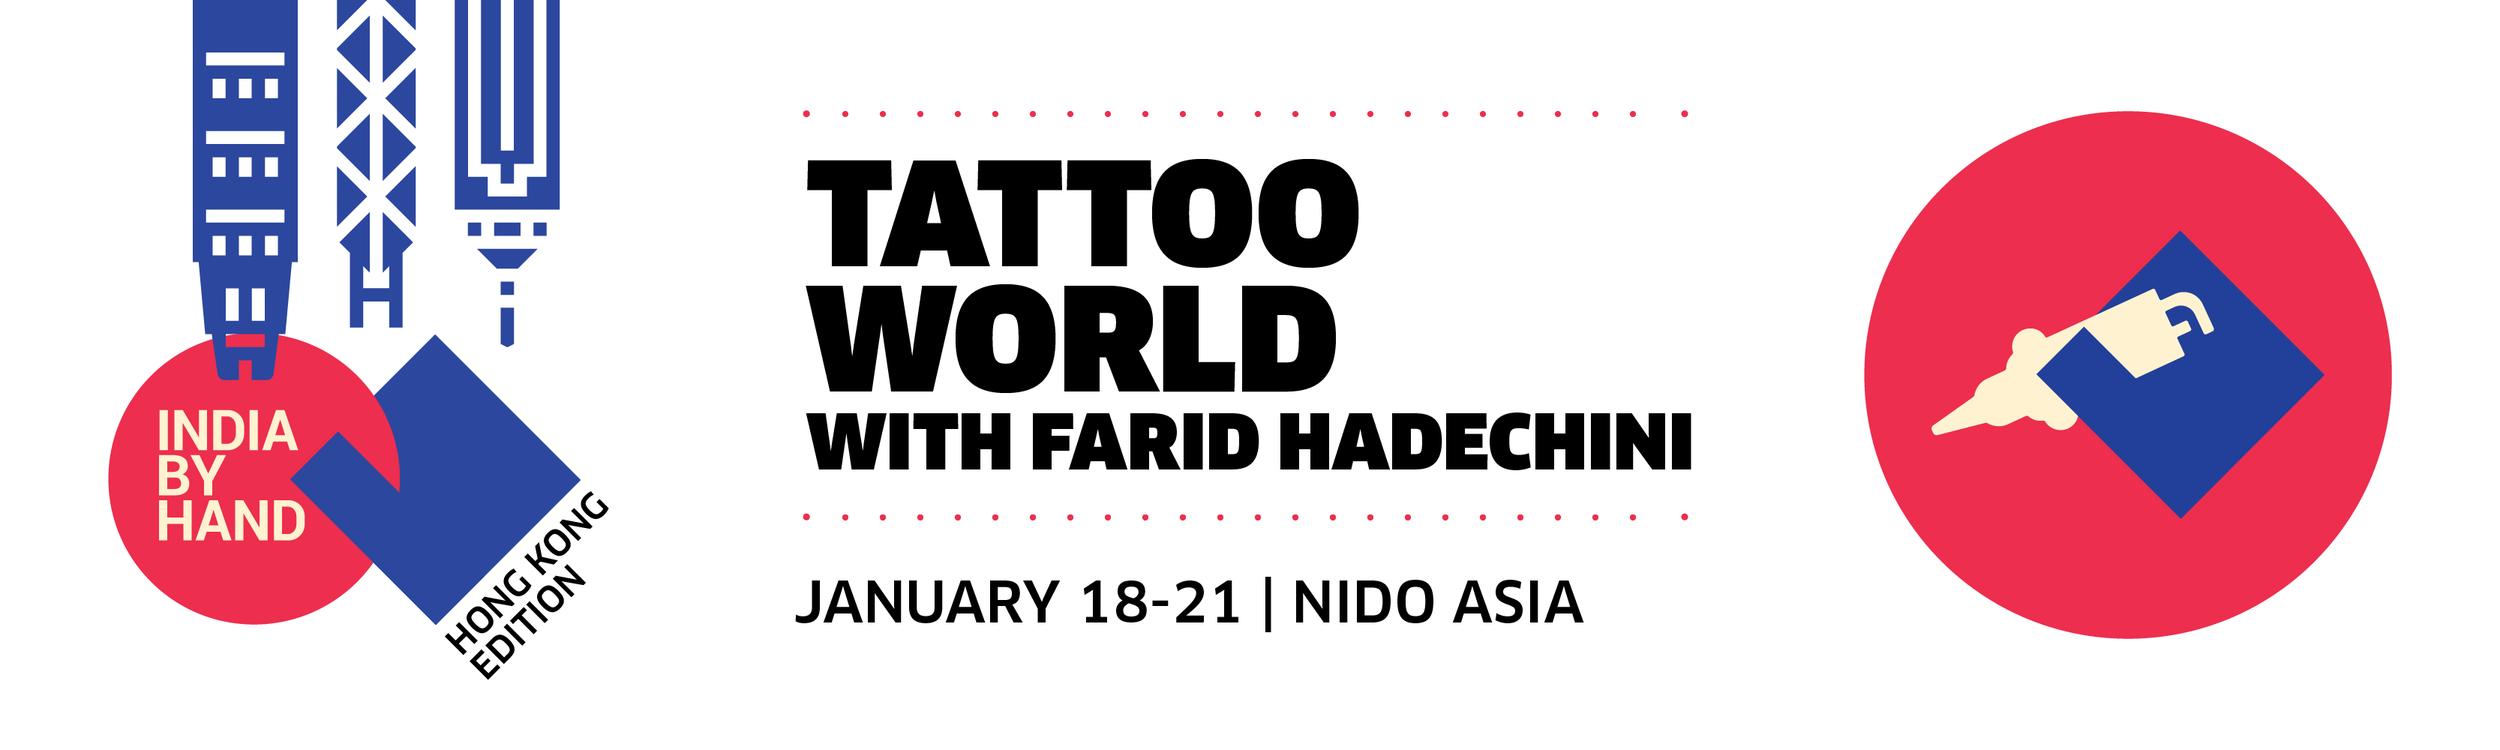 Tattoo World-01.png